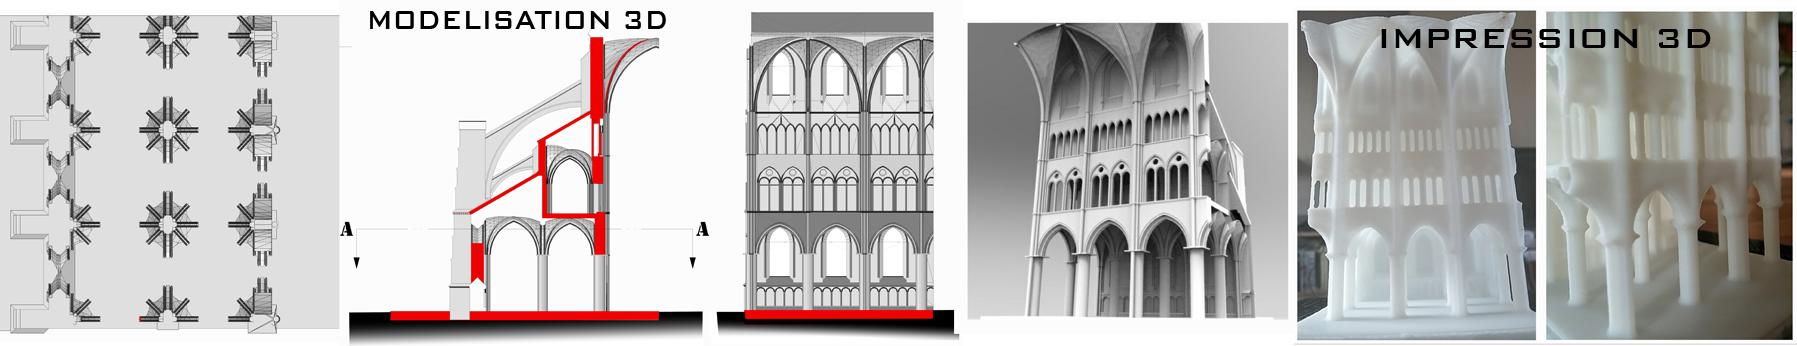 Architecture : Modélisation 3D - Impression plastique ABS